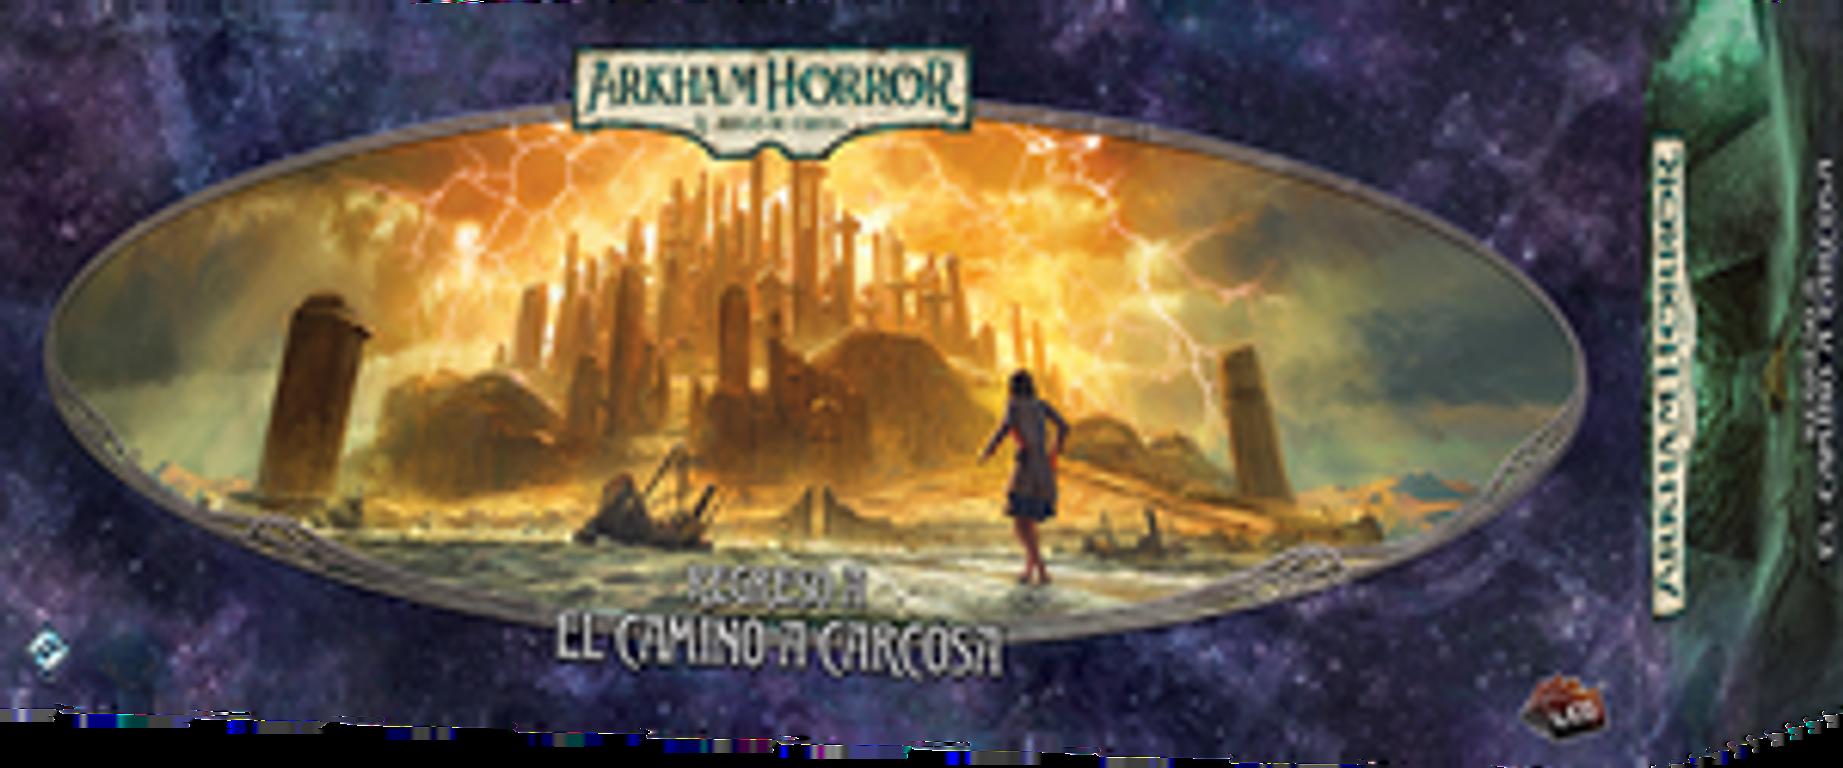 Arkham+Horror%3A+El+Juego+de+Cartas+-+Regreso+a+El+Camino+a+Carcosa